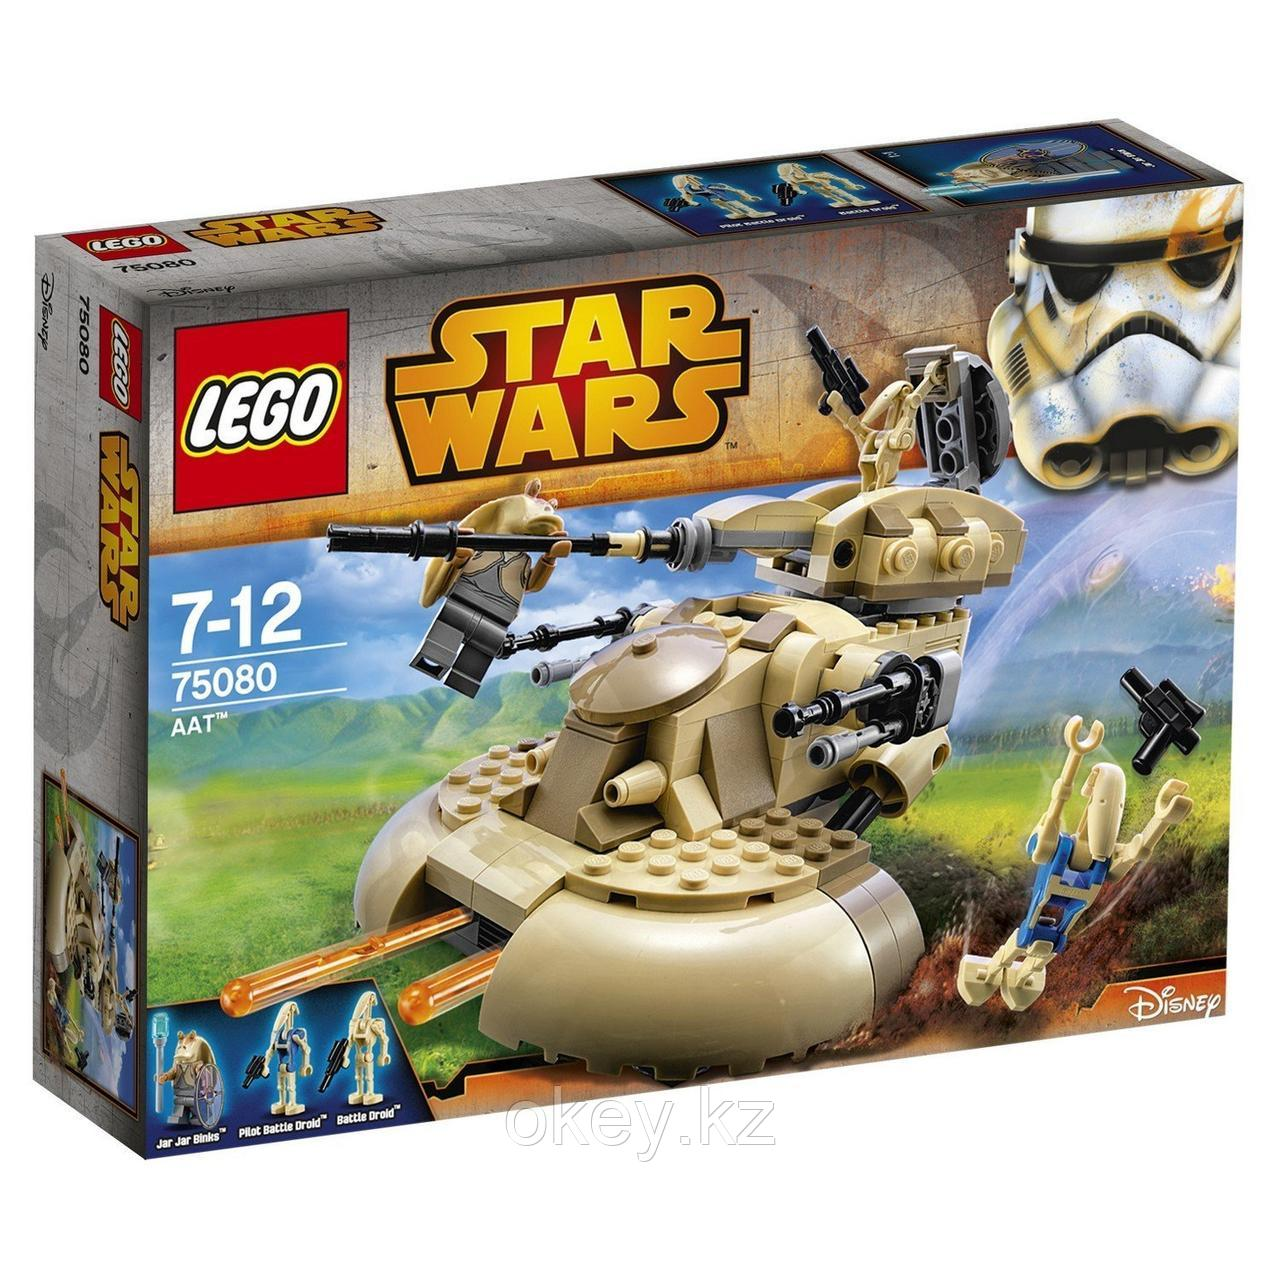 LEGO Star Wars: Бронированный штурмовой танк AAT 75080